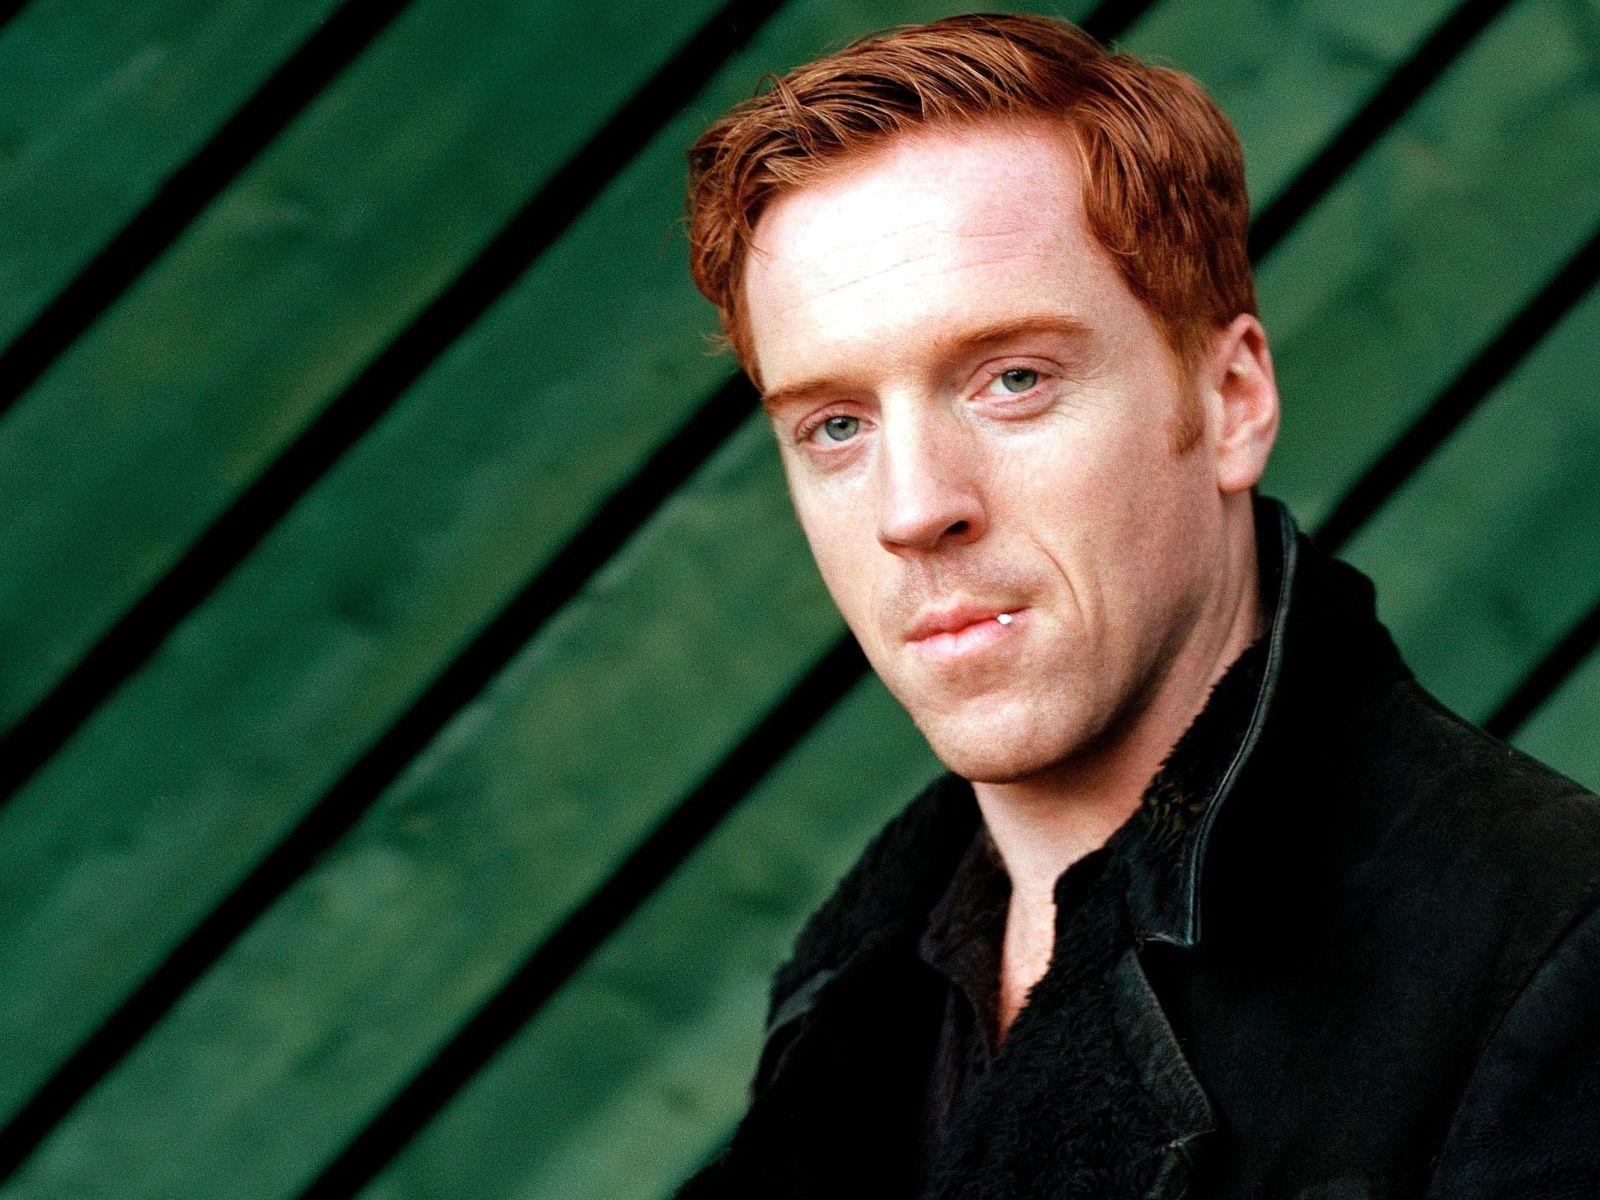 photo Damian Lewis (born 1971)